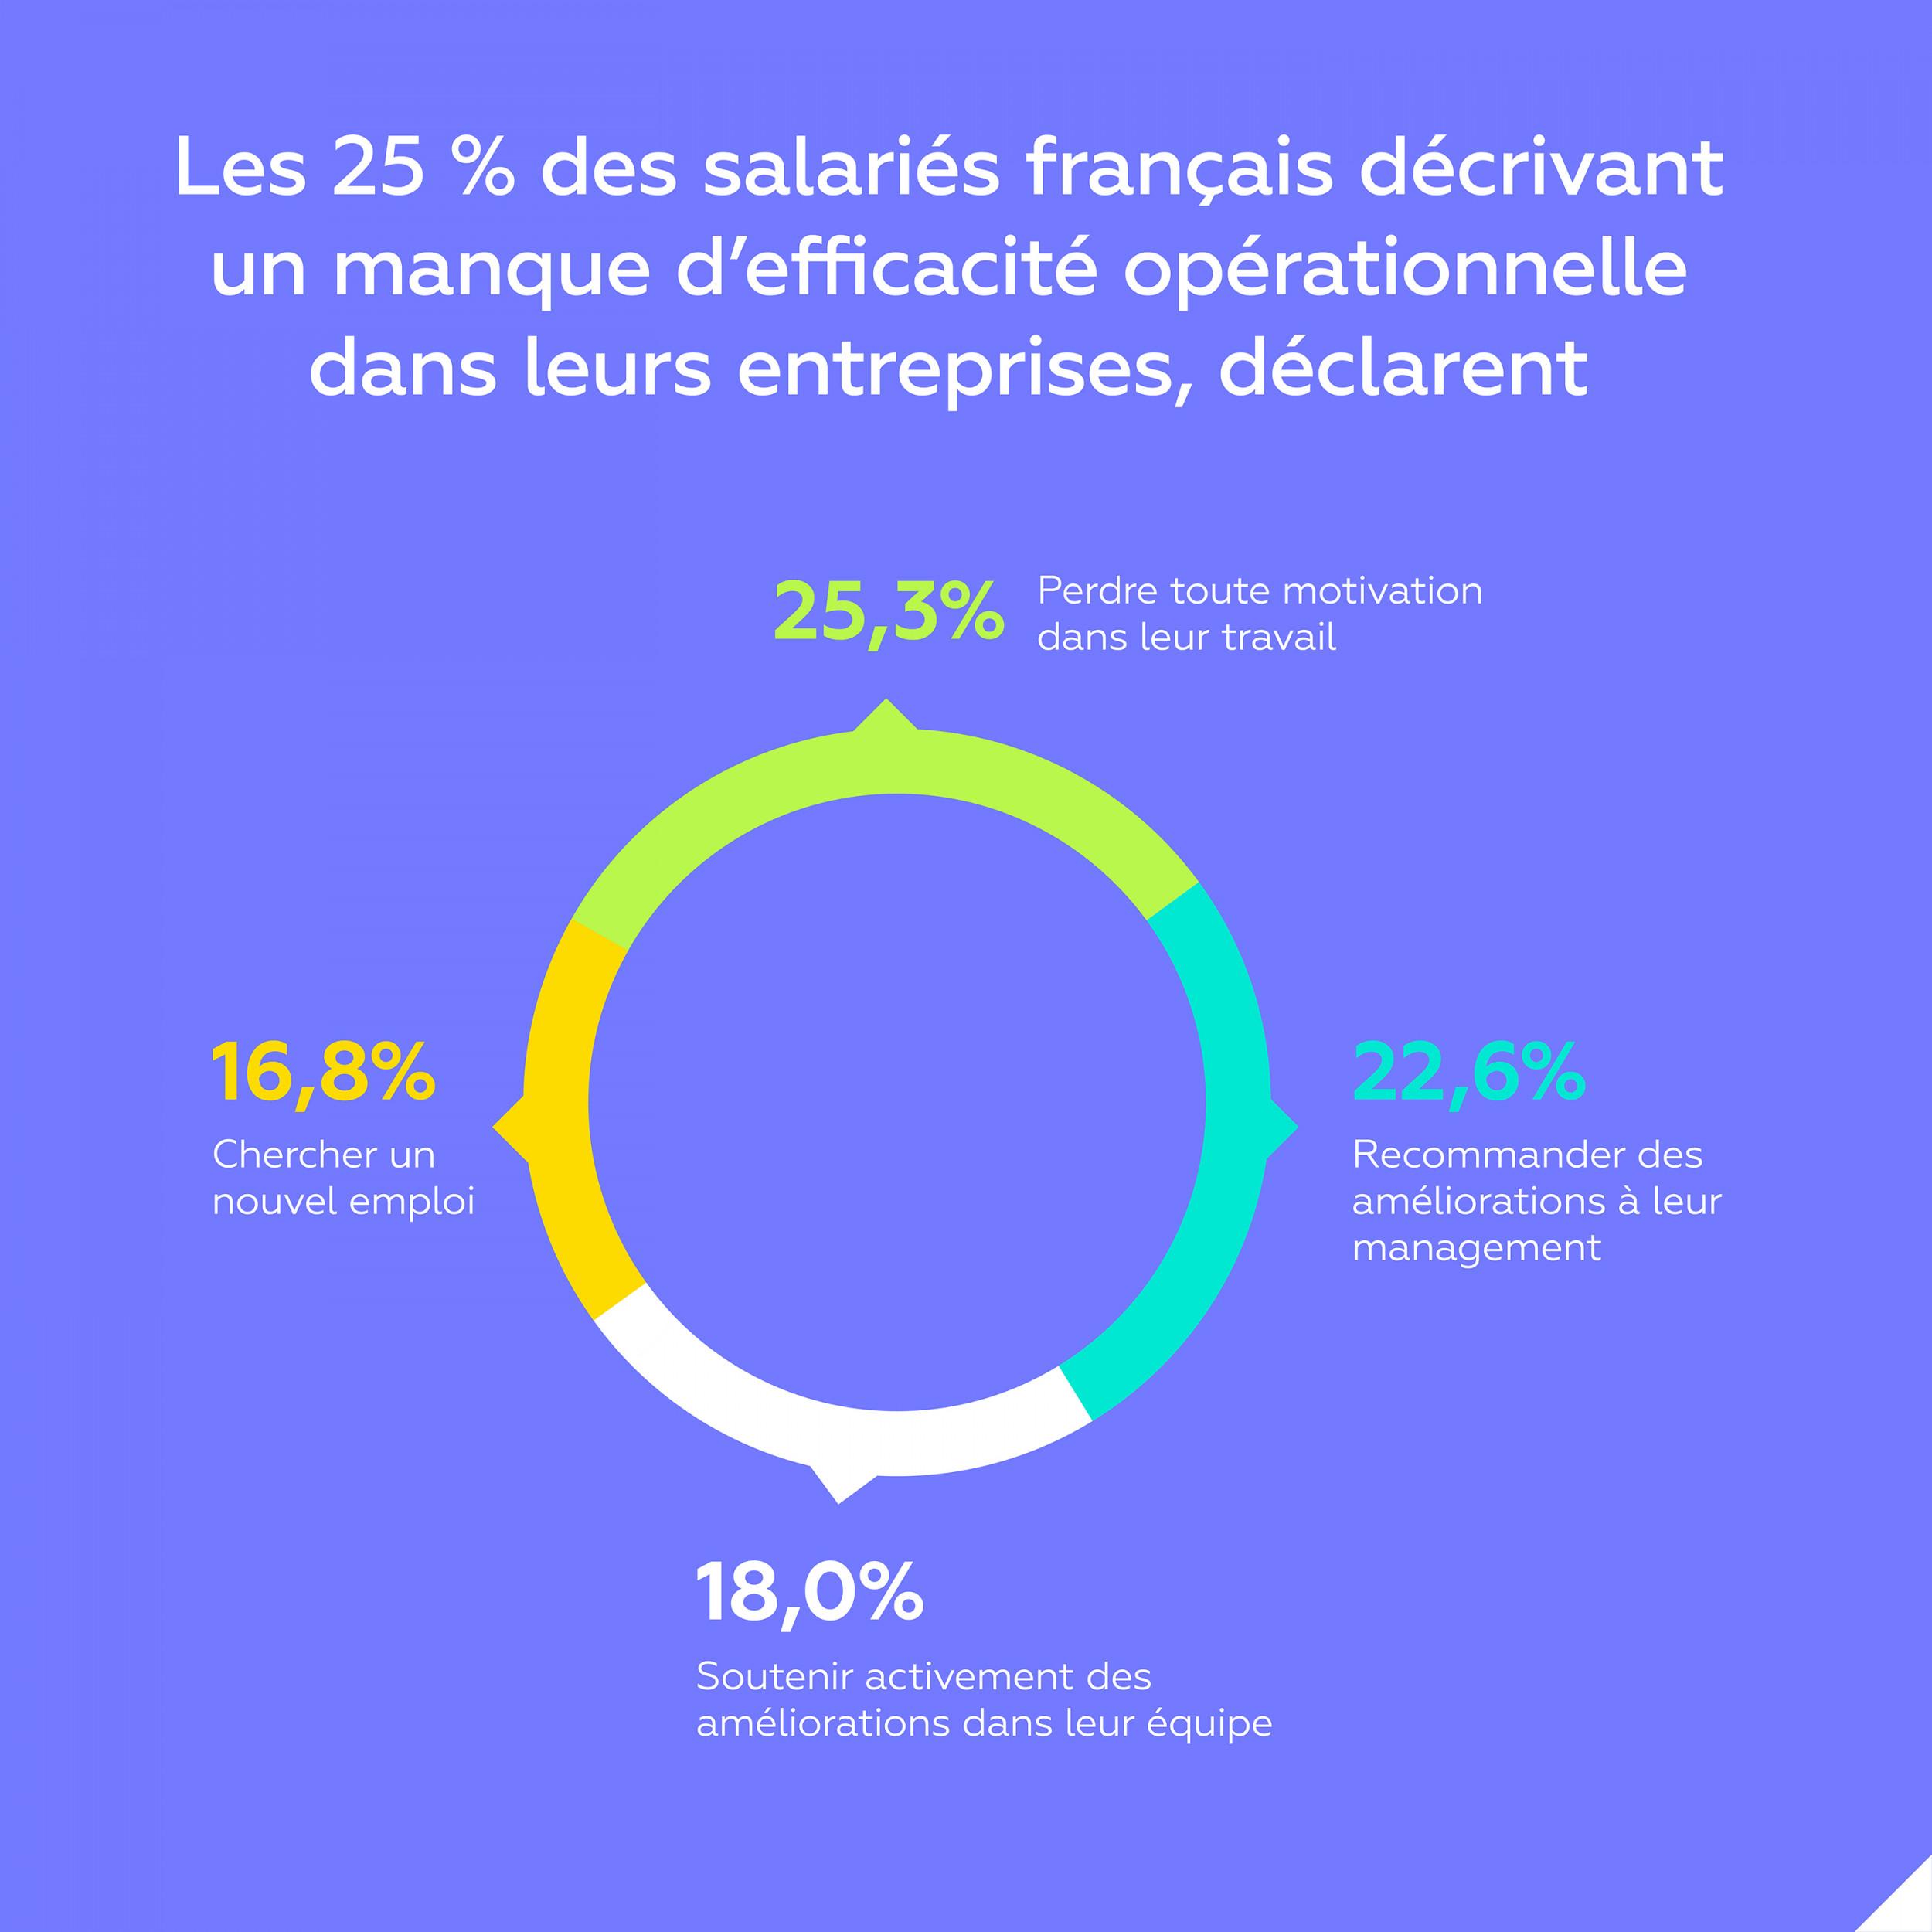 1 salarié français sur 4 perdrait toute motivation dans son travail